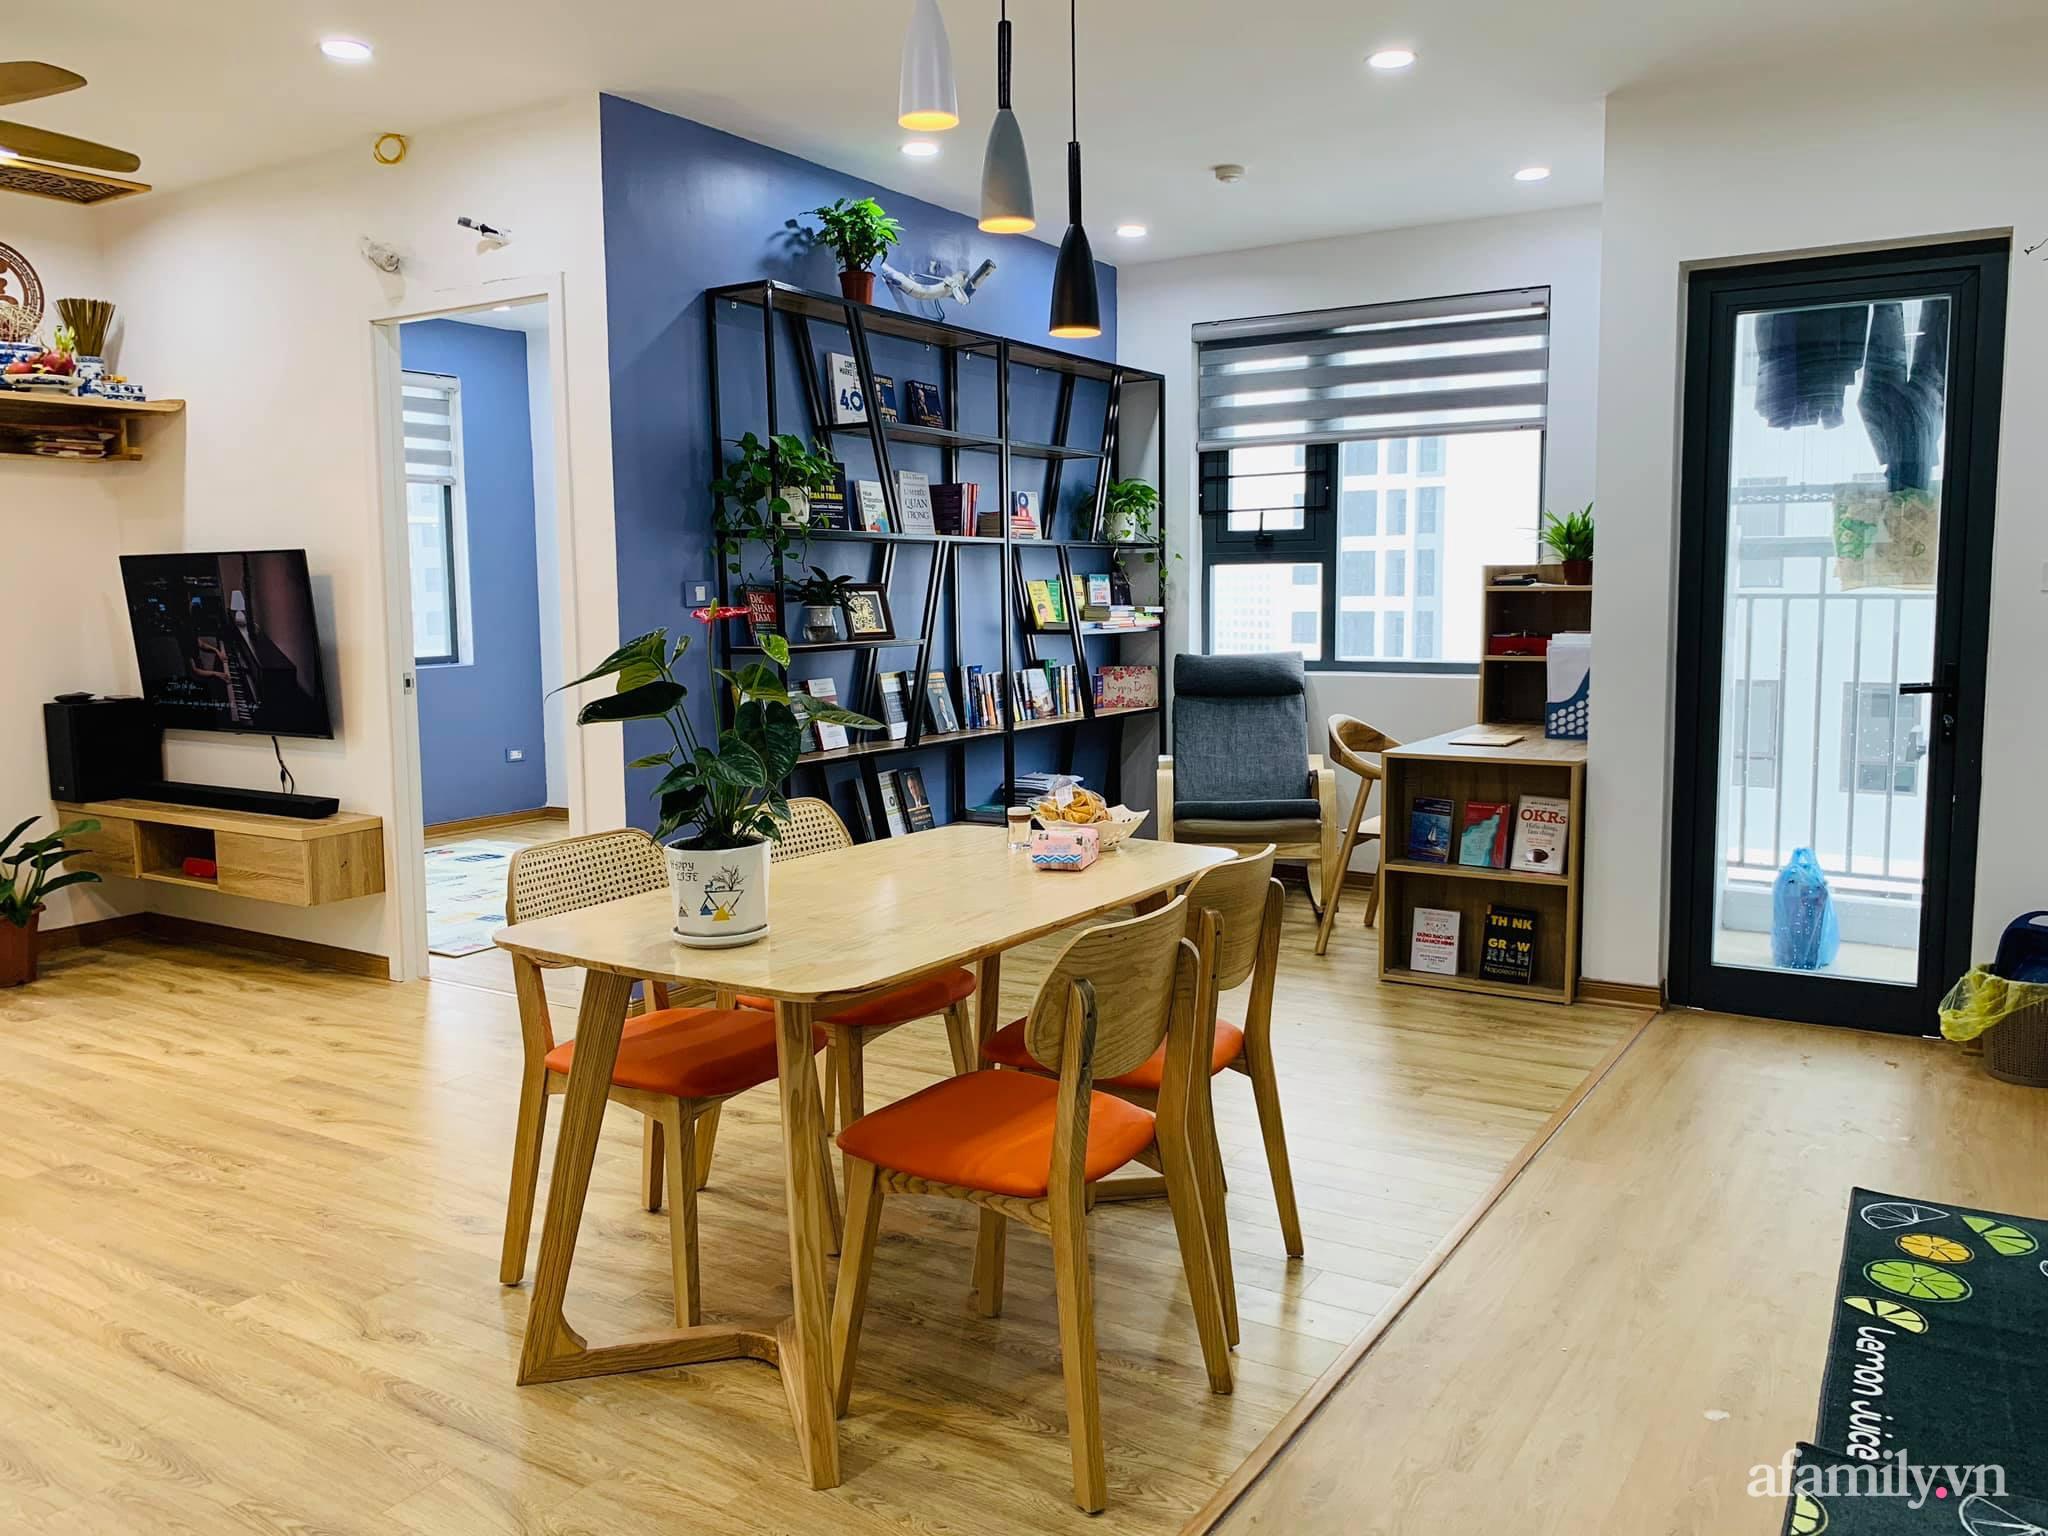 Nhà ở xã hội 69m² siêu ấm áp và tiện ích với chi phí cải tạo 200 triệu đồng của cặp vợ chồng 9X ở Từ Liêm, Hà Nội - Ảnh 17.